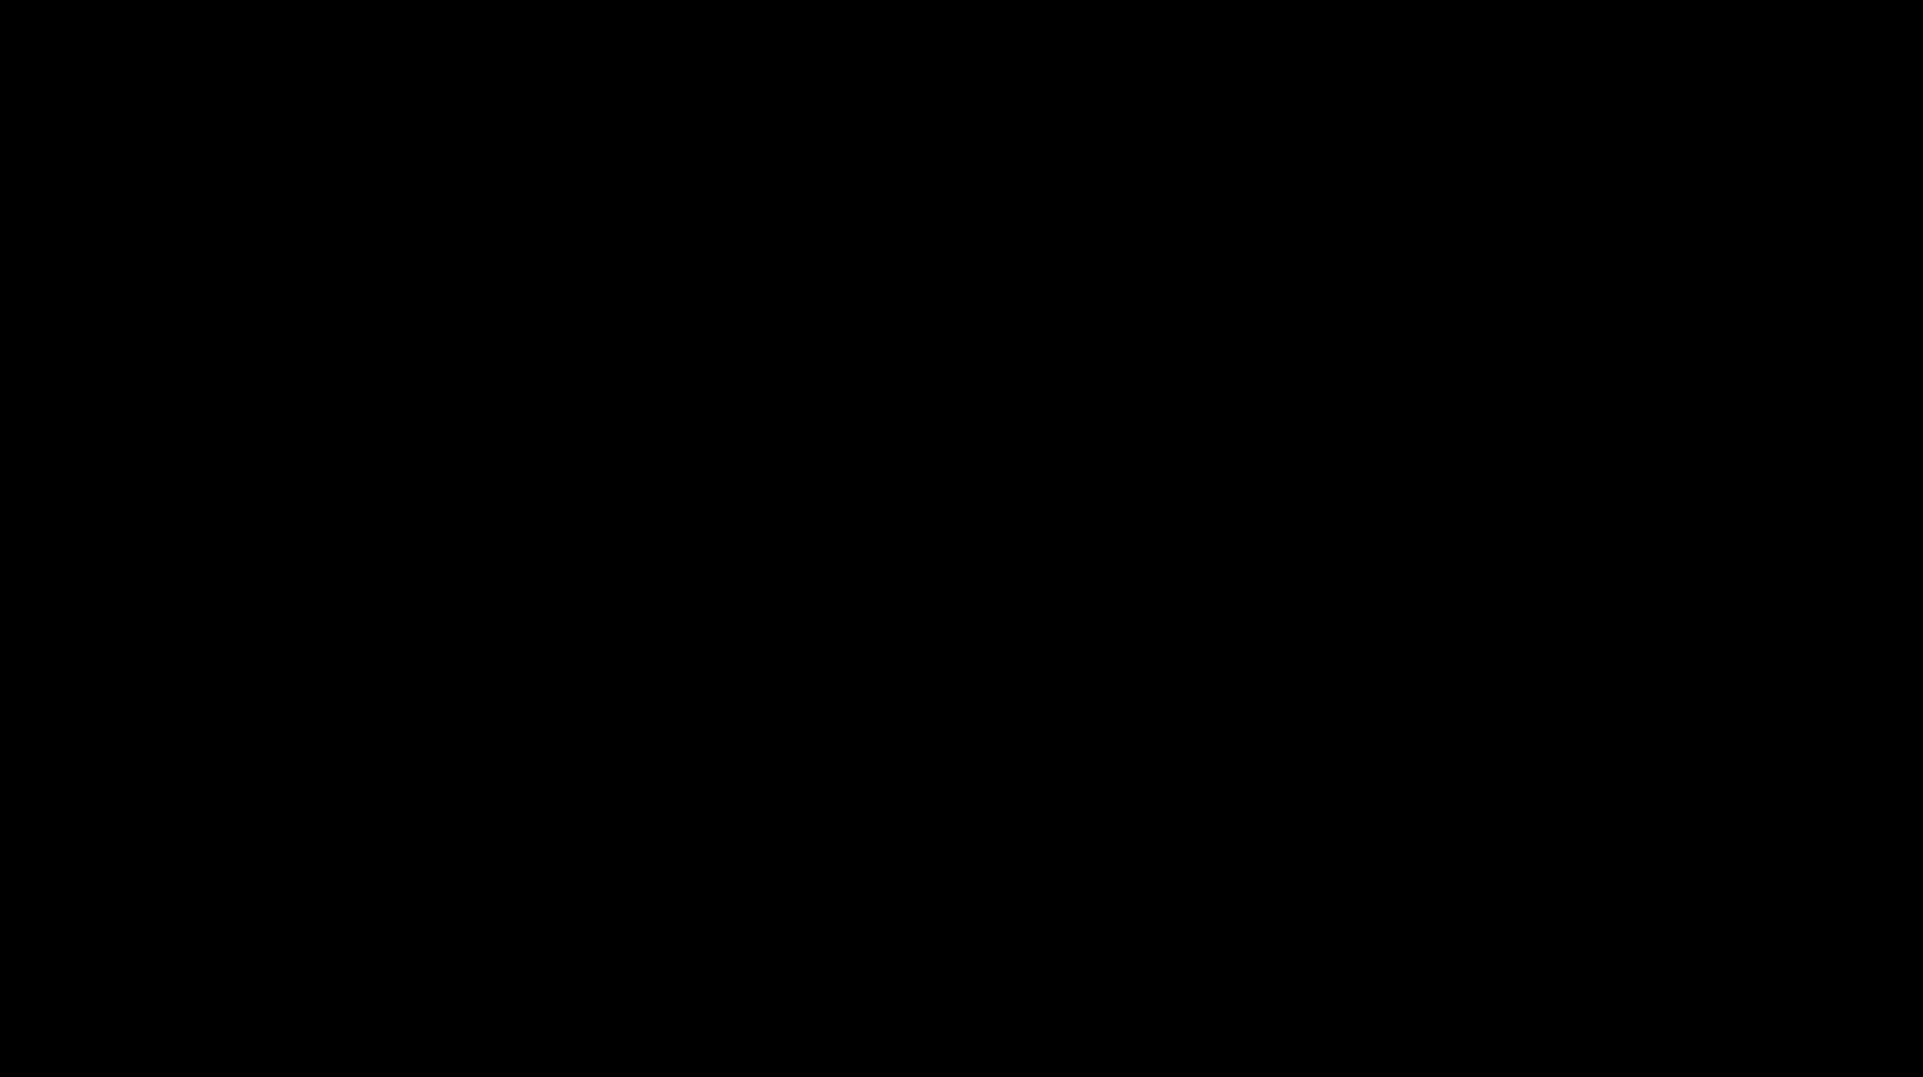 Sophie Scholl zum Hundertsten – Erinnerung an ein Staatsverbrechen